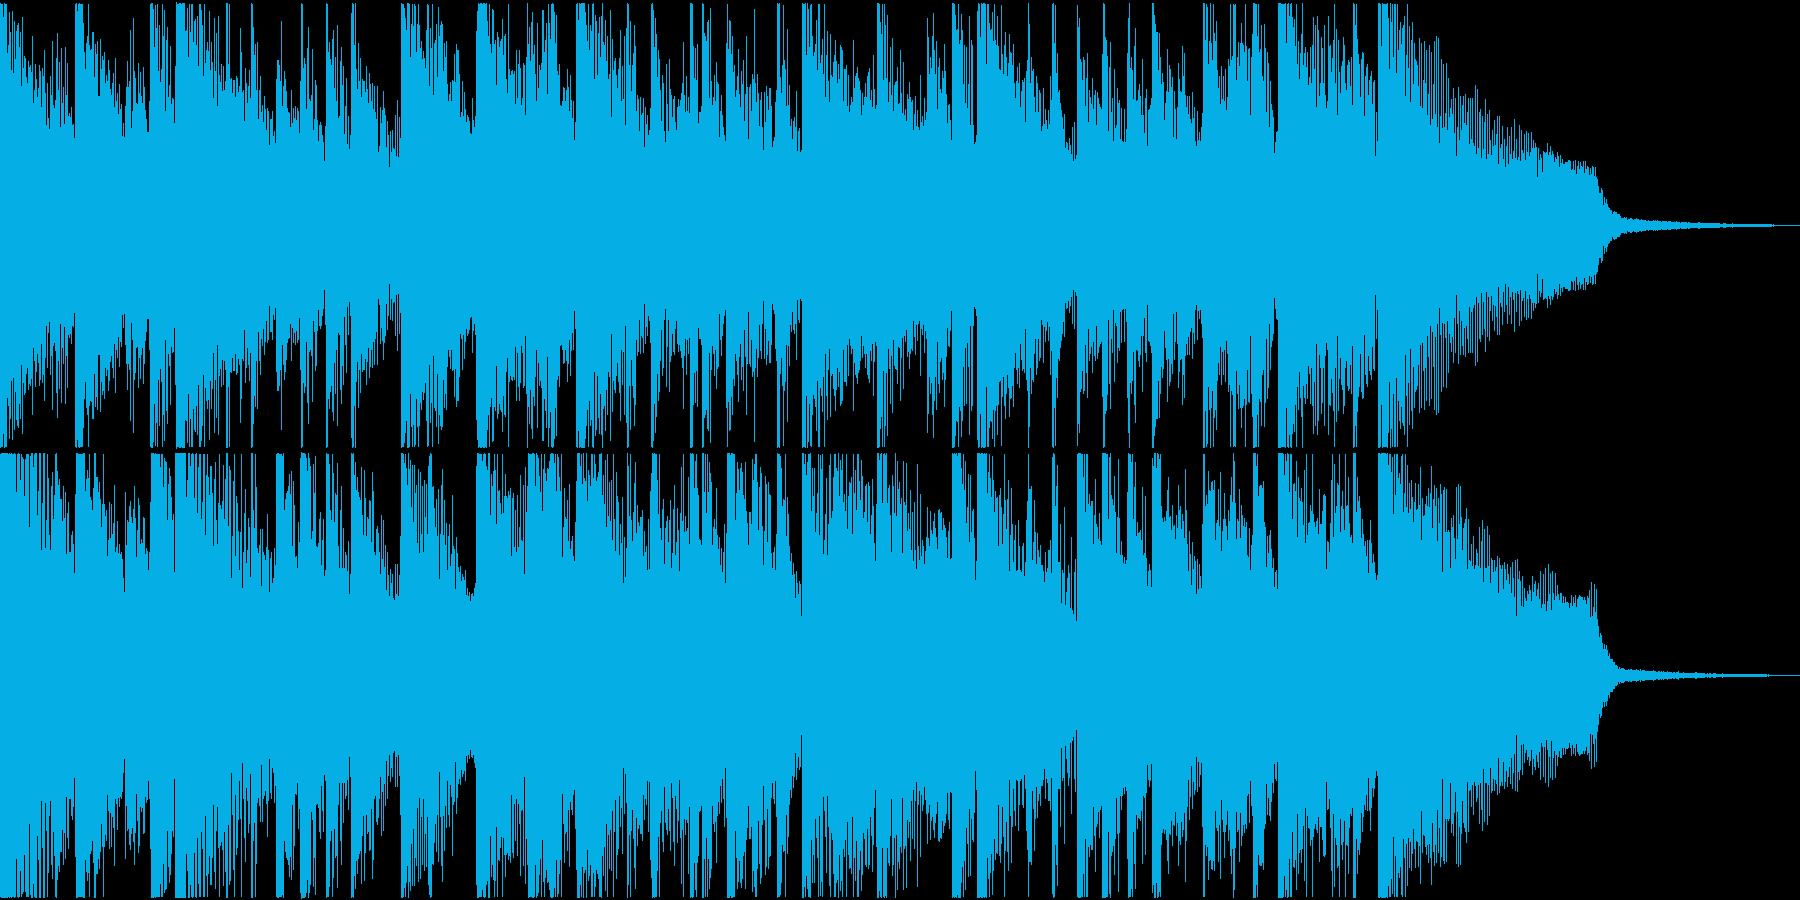 ニュース番組やCMにピッタリなピアノ曲の再生済みの波形